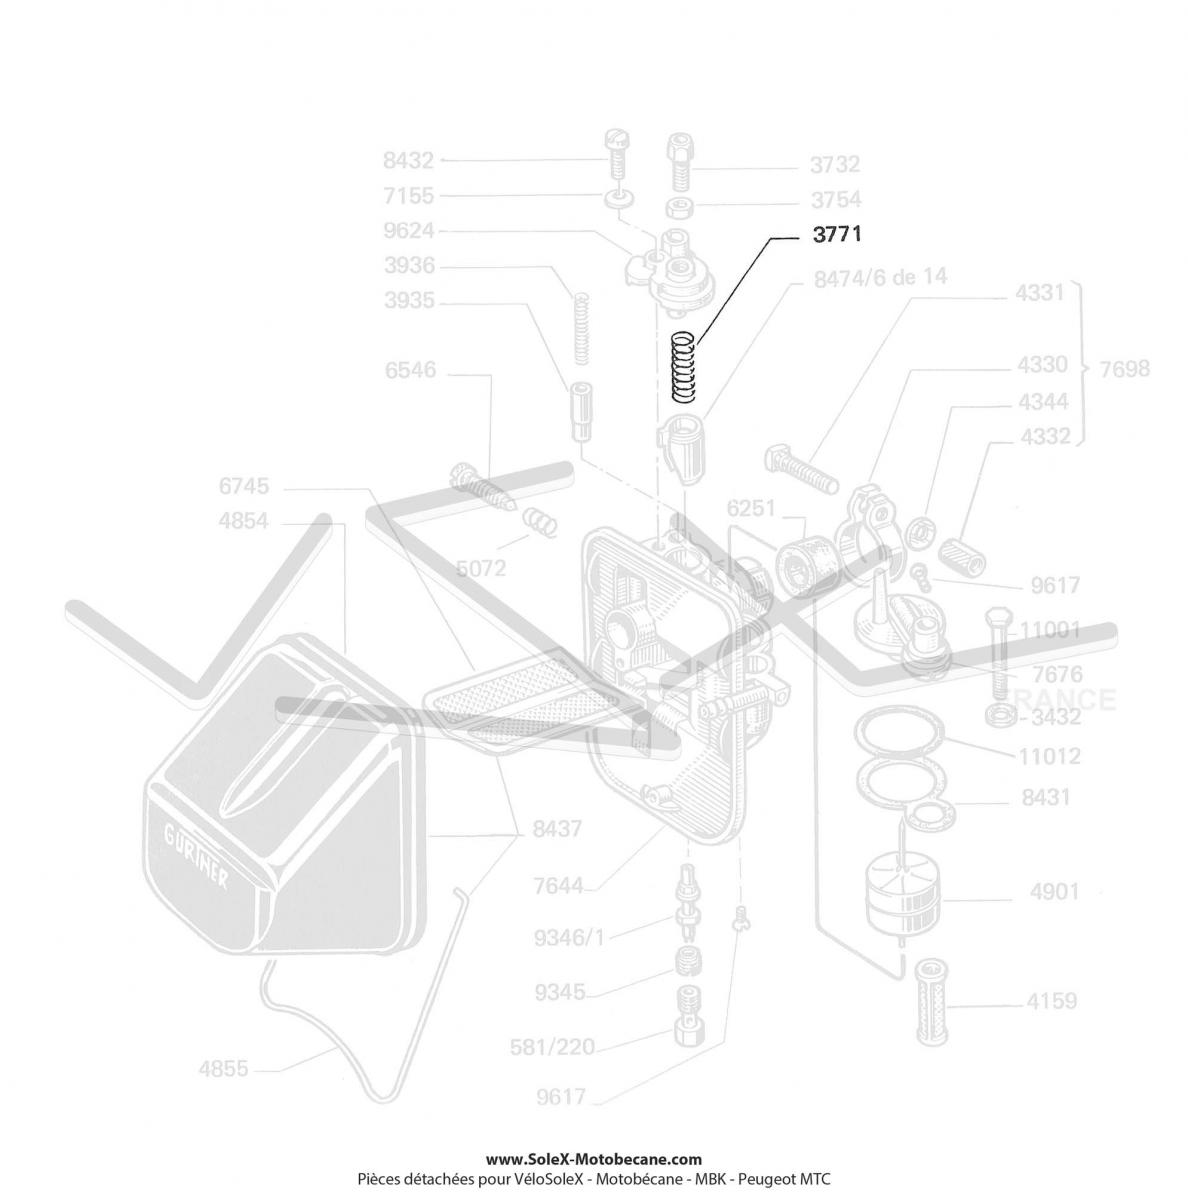 ressort de volet de starter de carburateur gurtner pour mobylette motob cane motoconfort mbk. Black Bedroom Furniture Sets. Home Design Ideas